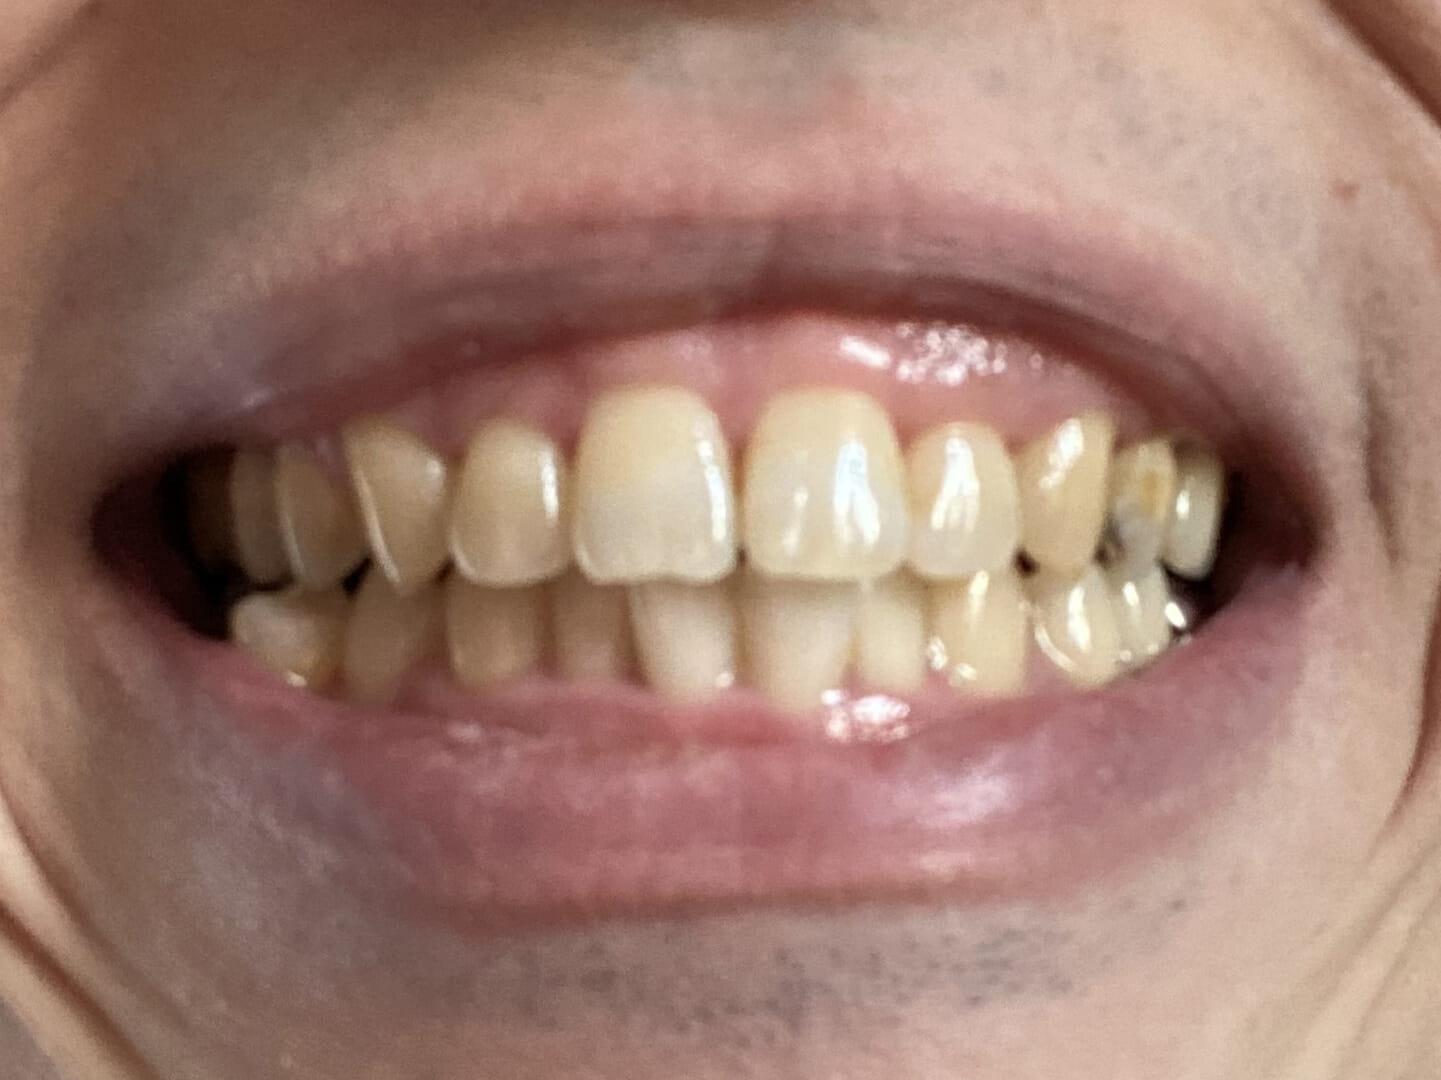 【フィリップス 電動歯ブラシ ソニッケアーレビュー】安価な電動歯ブラシ「イージークリーン」でホワイトニング効果は十分|上位機種との比較や使い方も解説|【効果検証】2週間チャレンジ:使用前